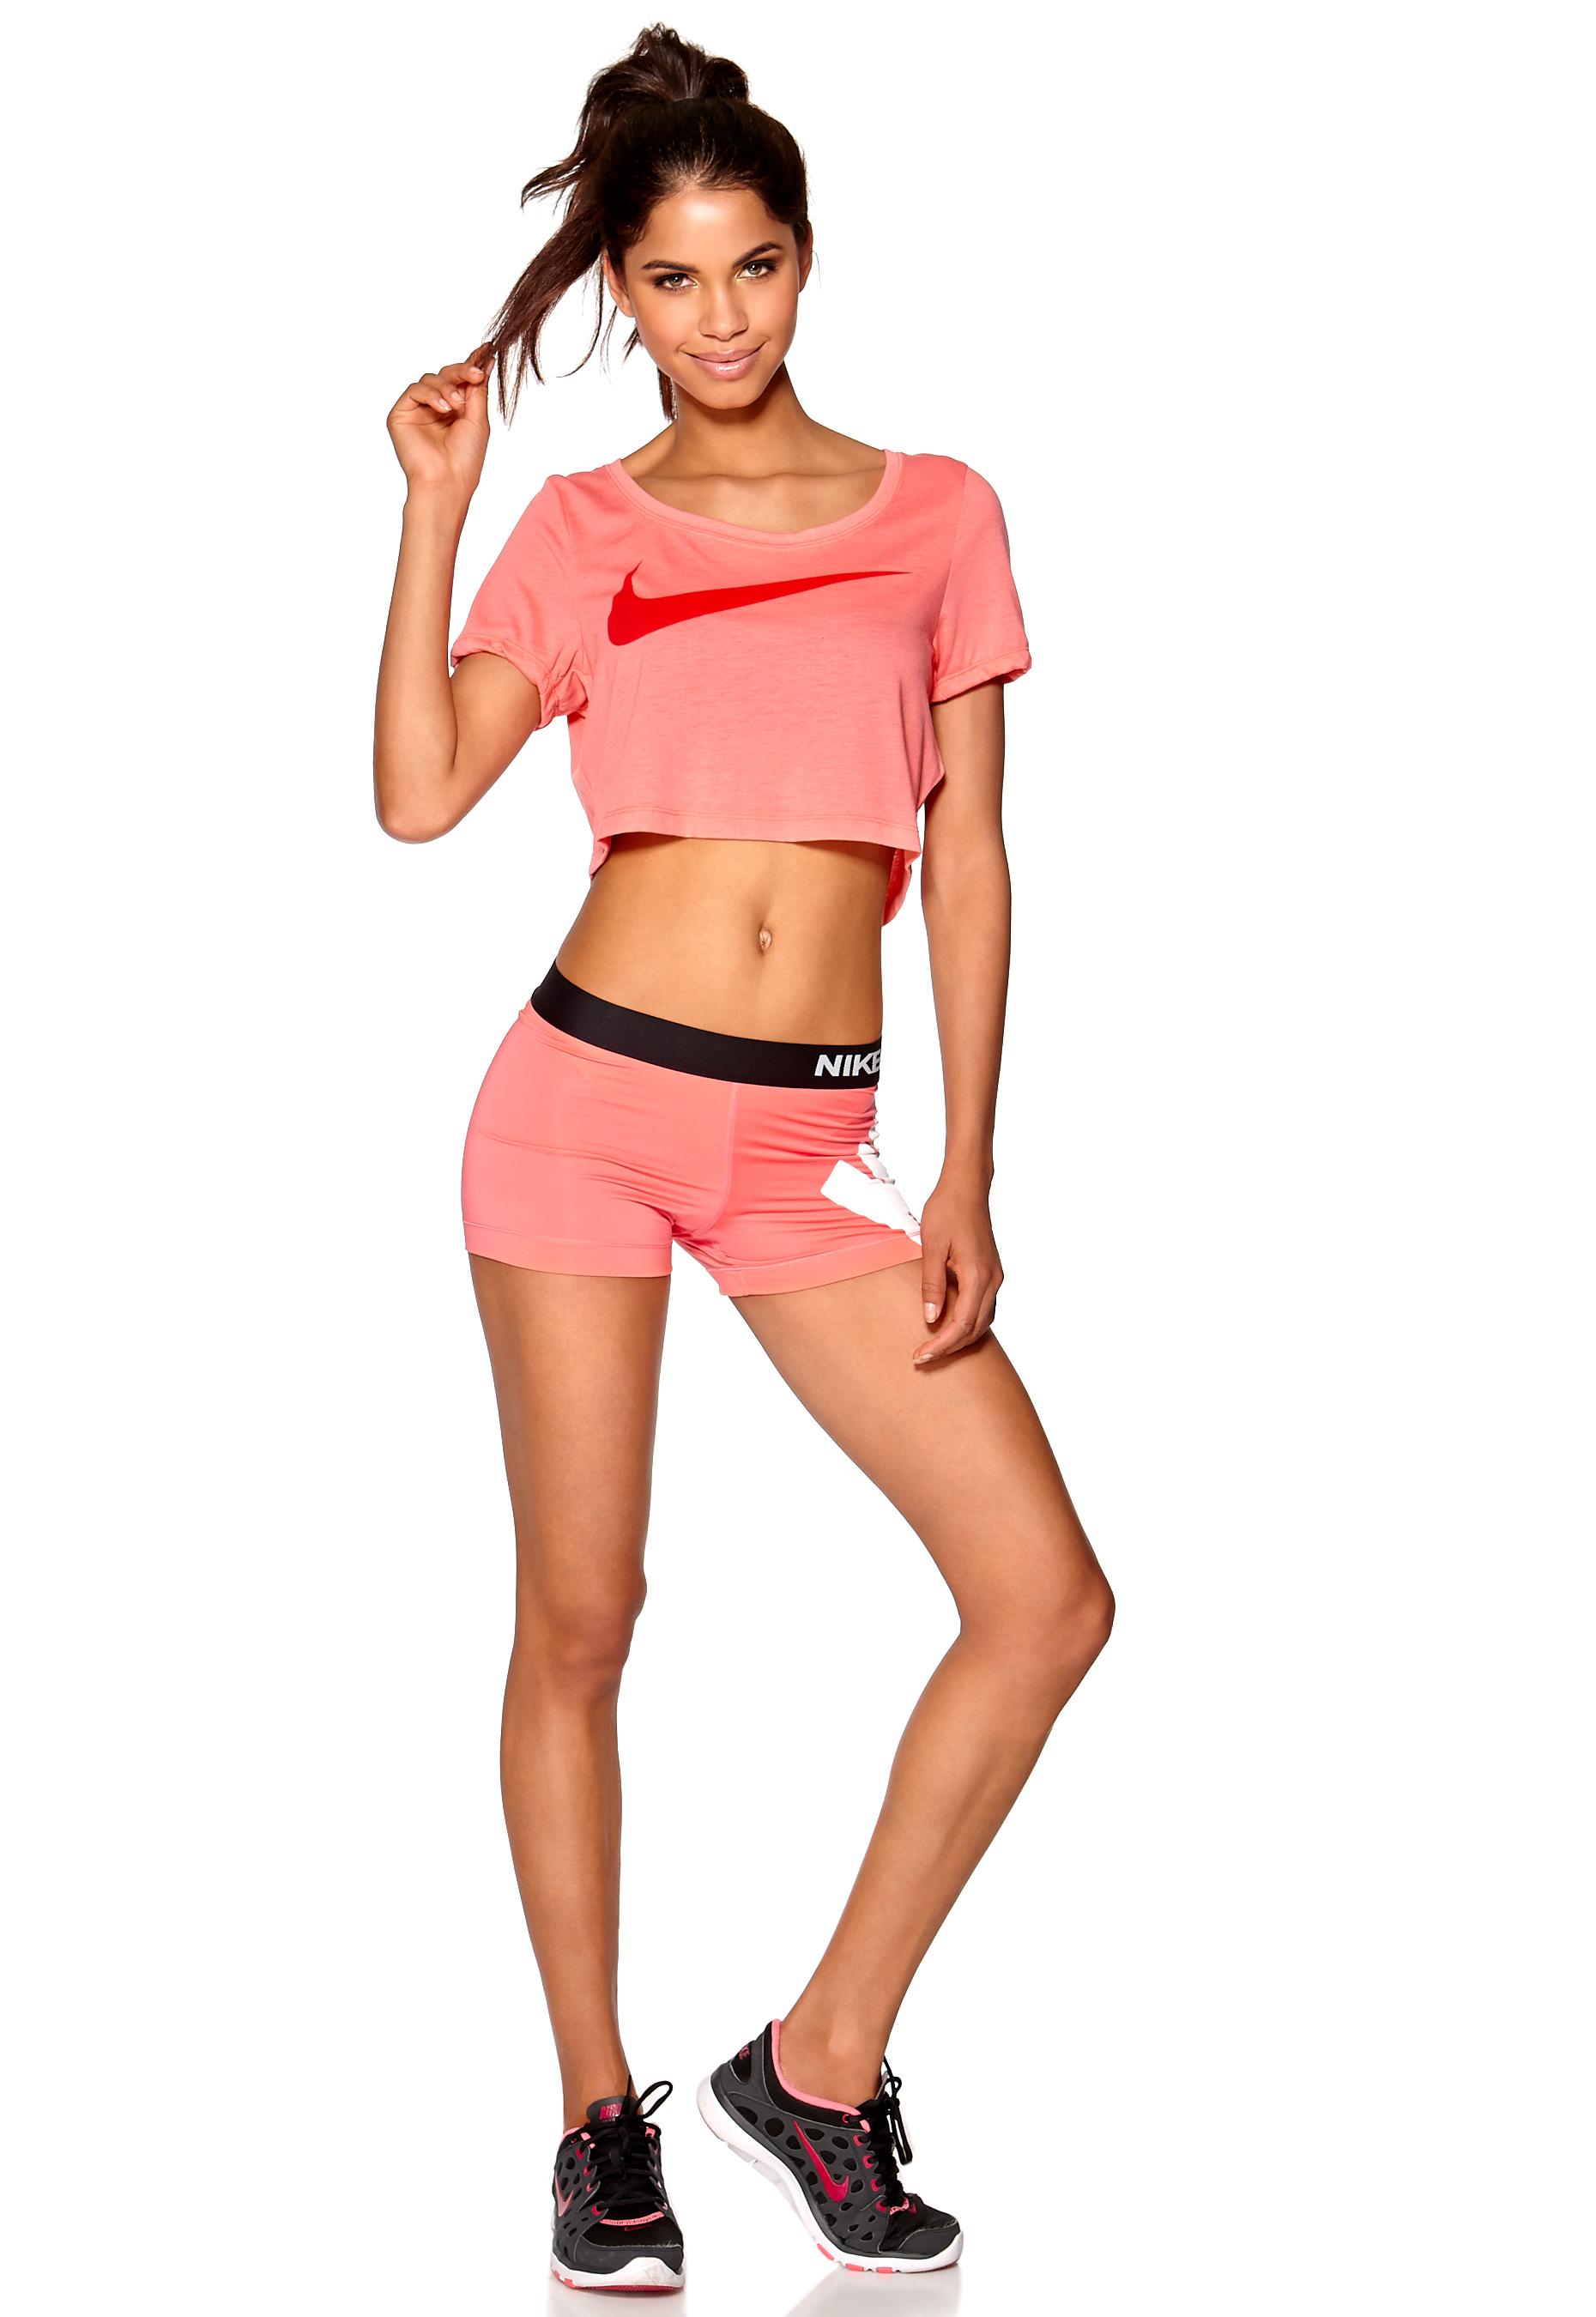 ec1ec751 Nike Swoosh Crop Top 654 Apricot - Bubbleroom